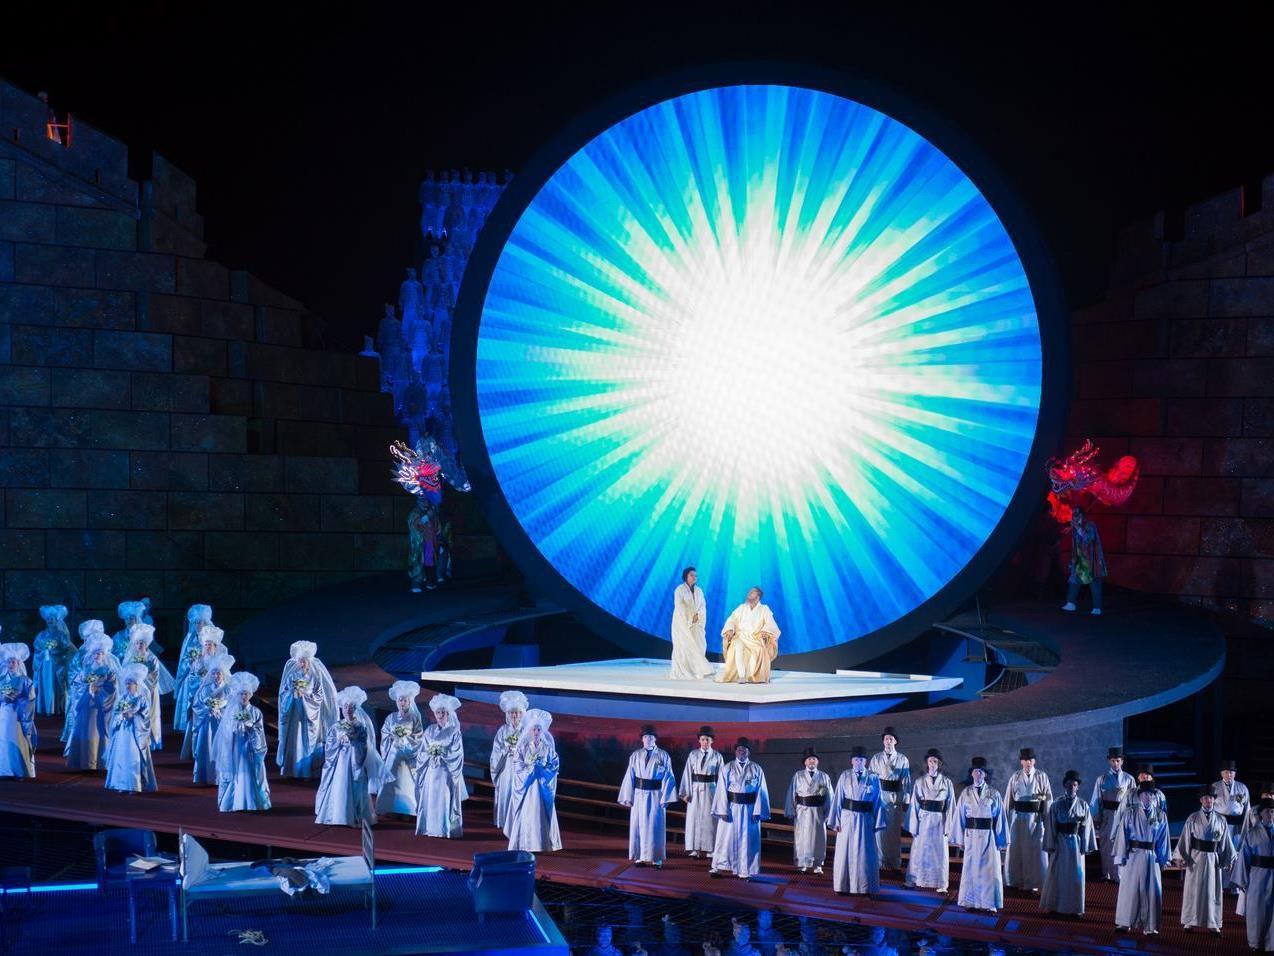 Inszenierung der Oper Turandot auf der Bregenzer Seebühne.